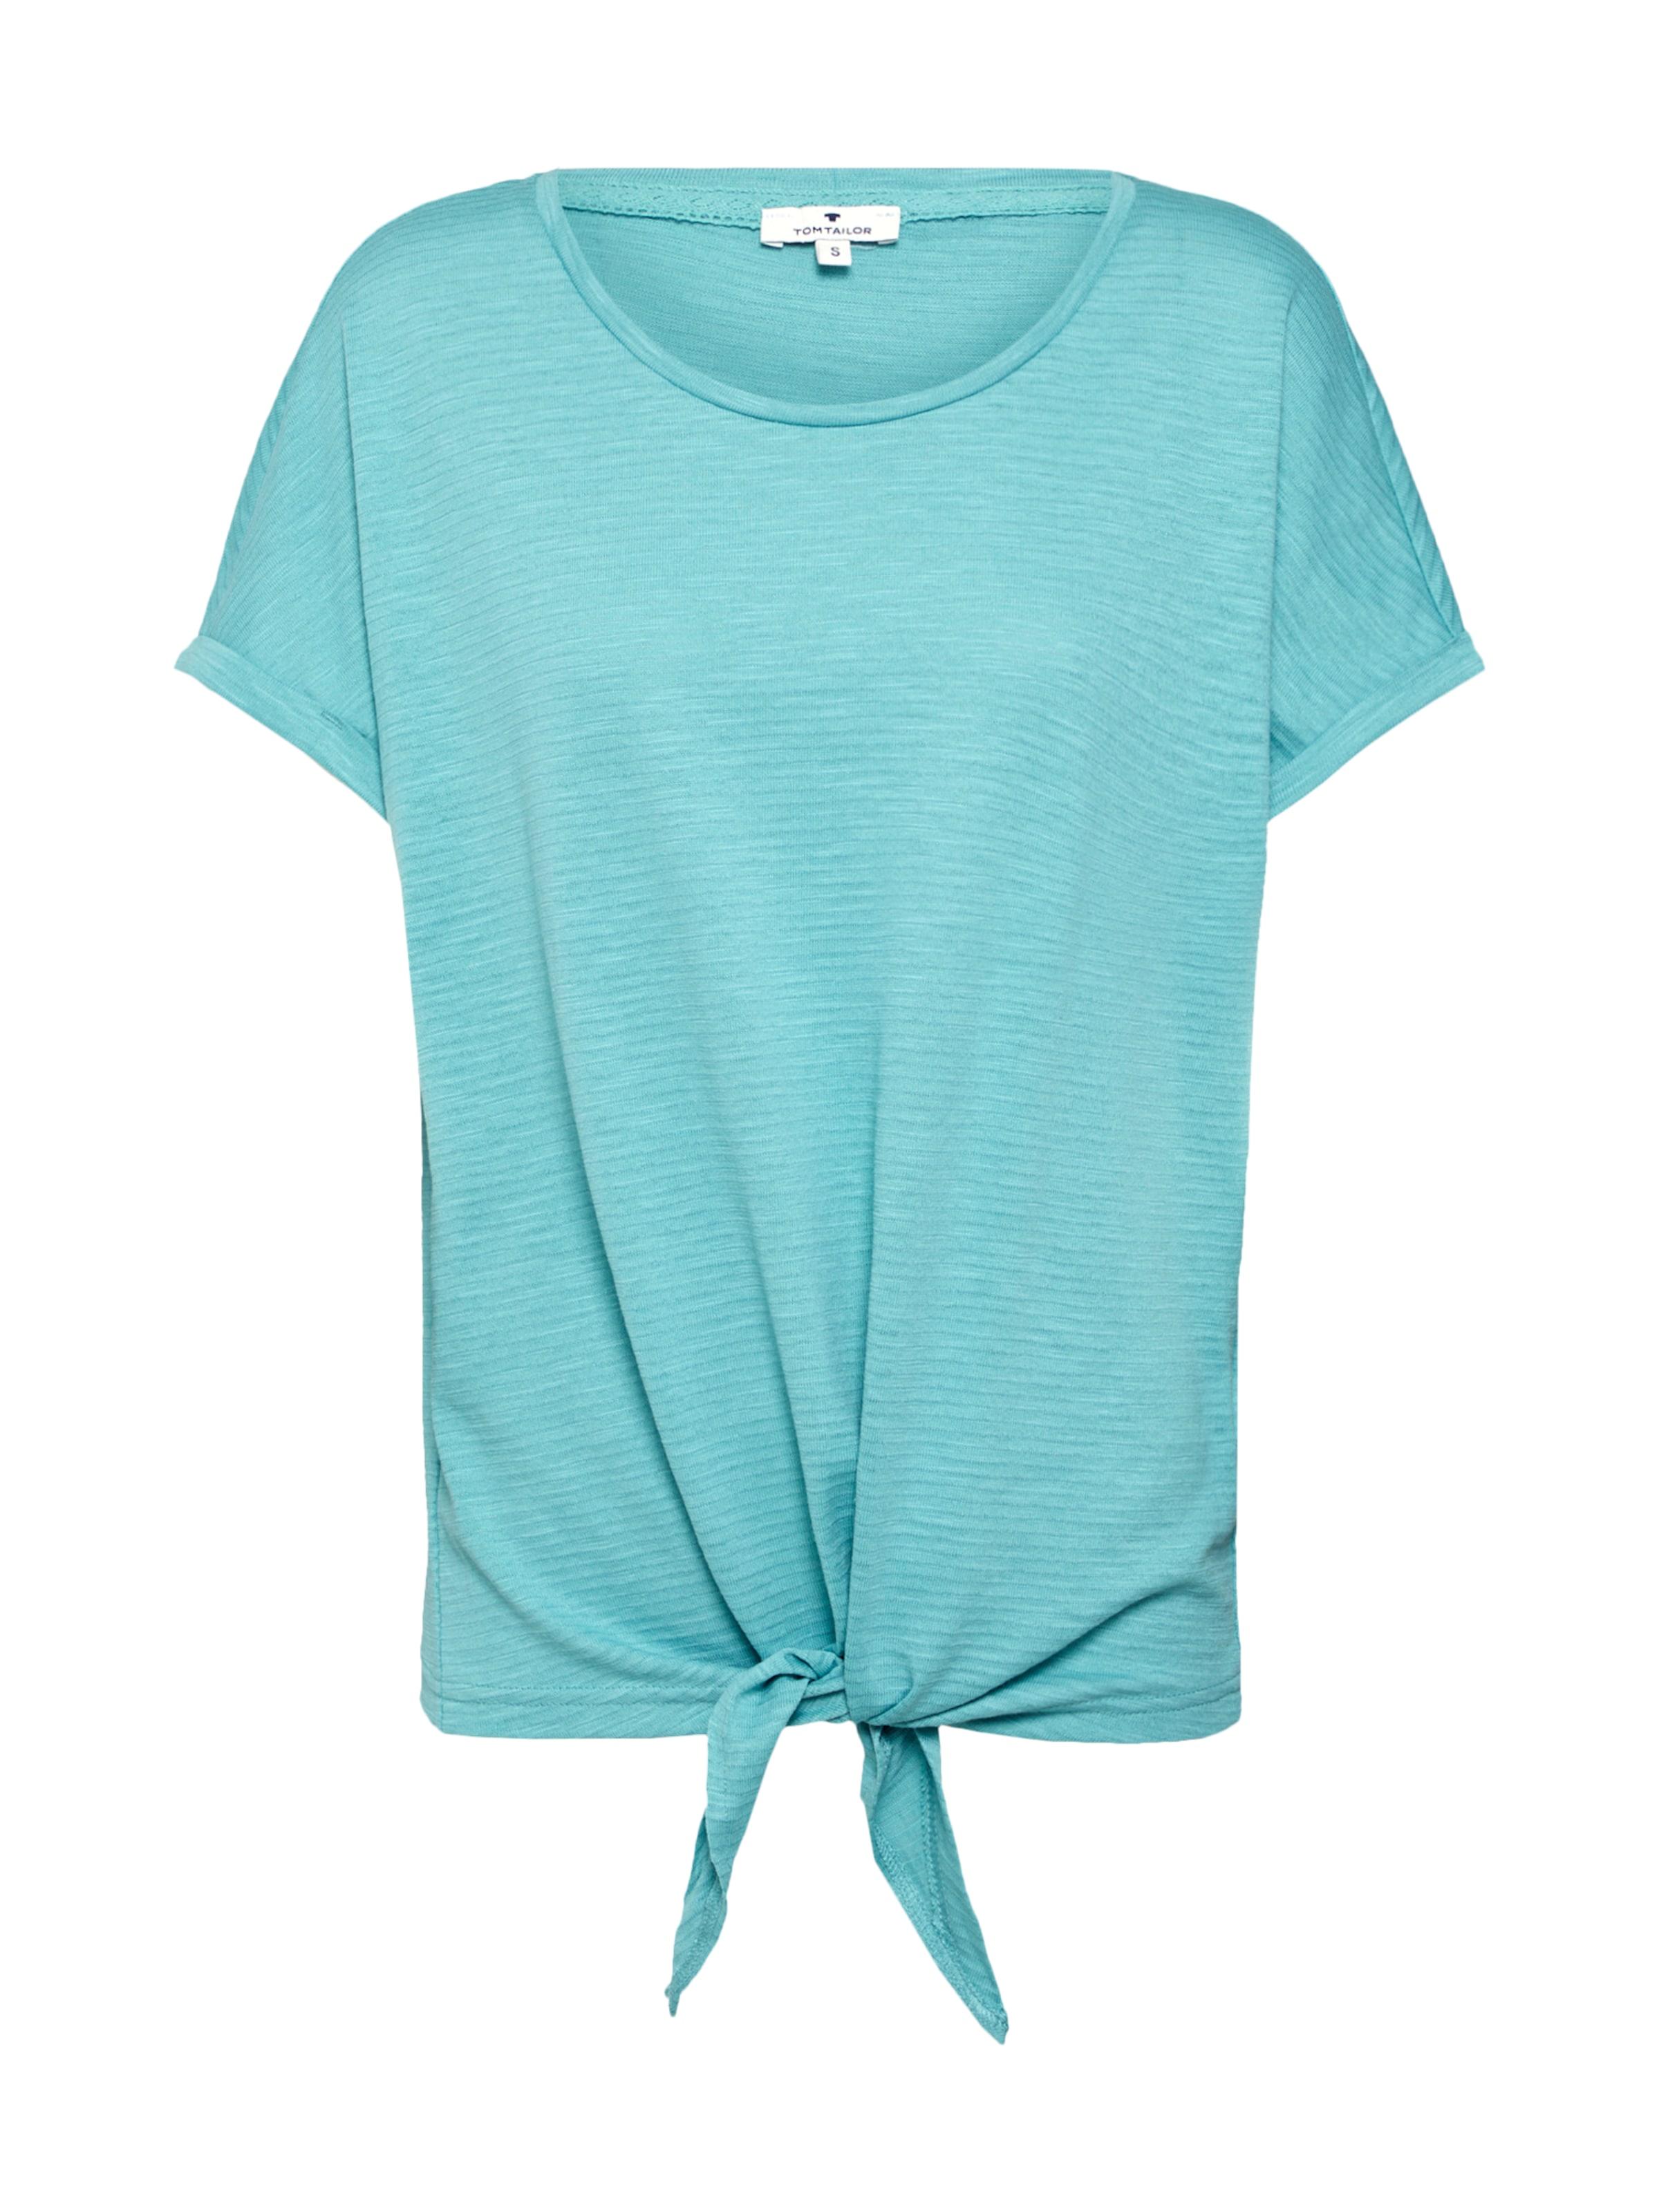 With Vert T Knot 't Tom Deta' En shirt Tailor shirt sChdQrt